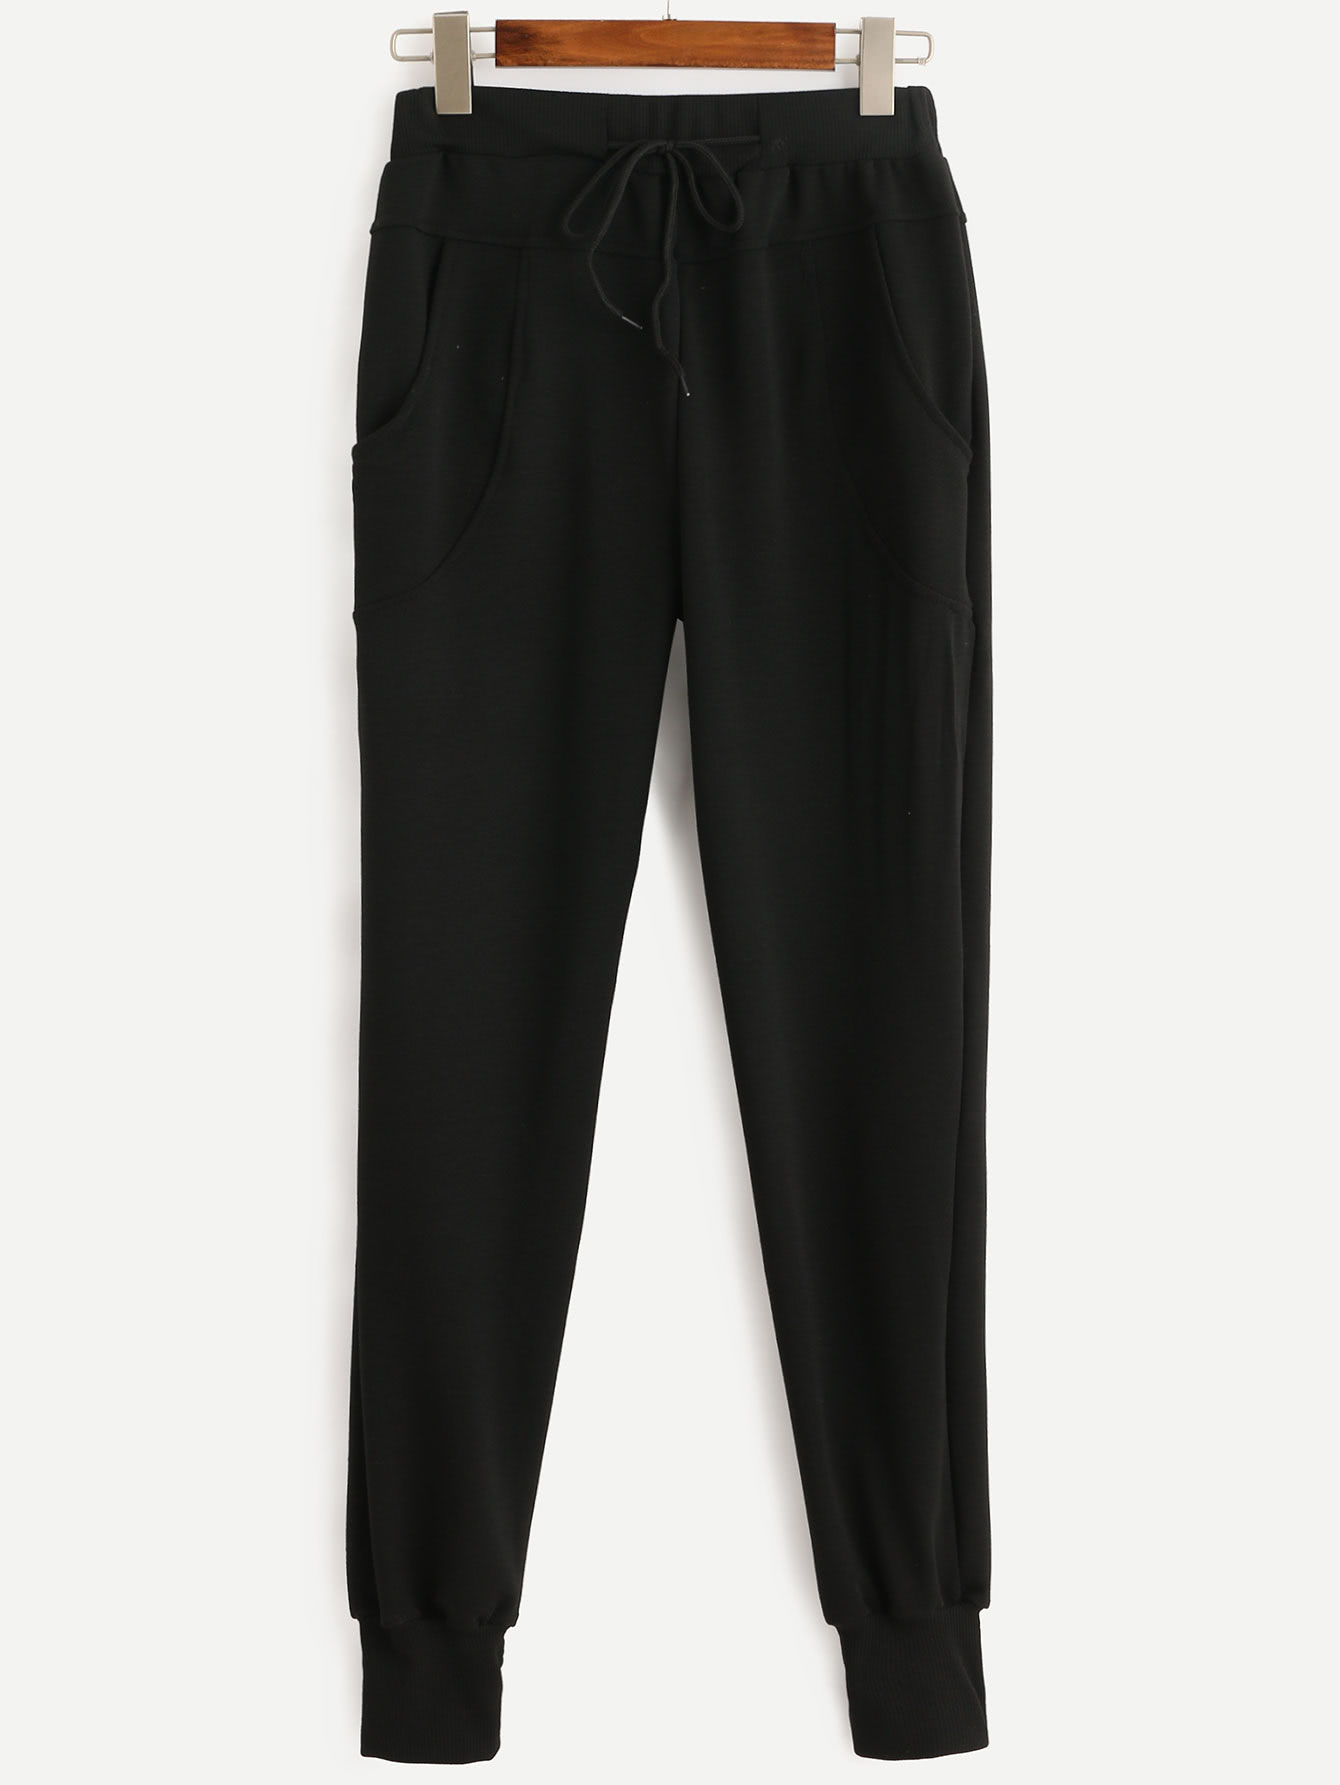 Купить со скидкой Drawstring Waist Pants